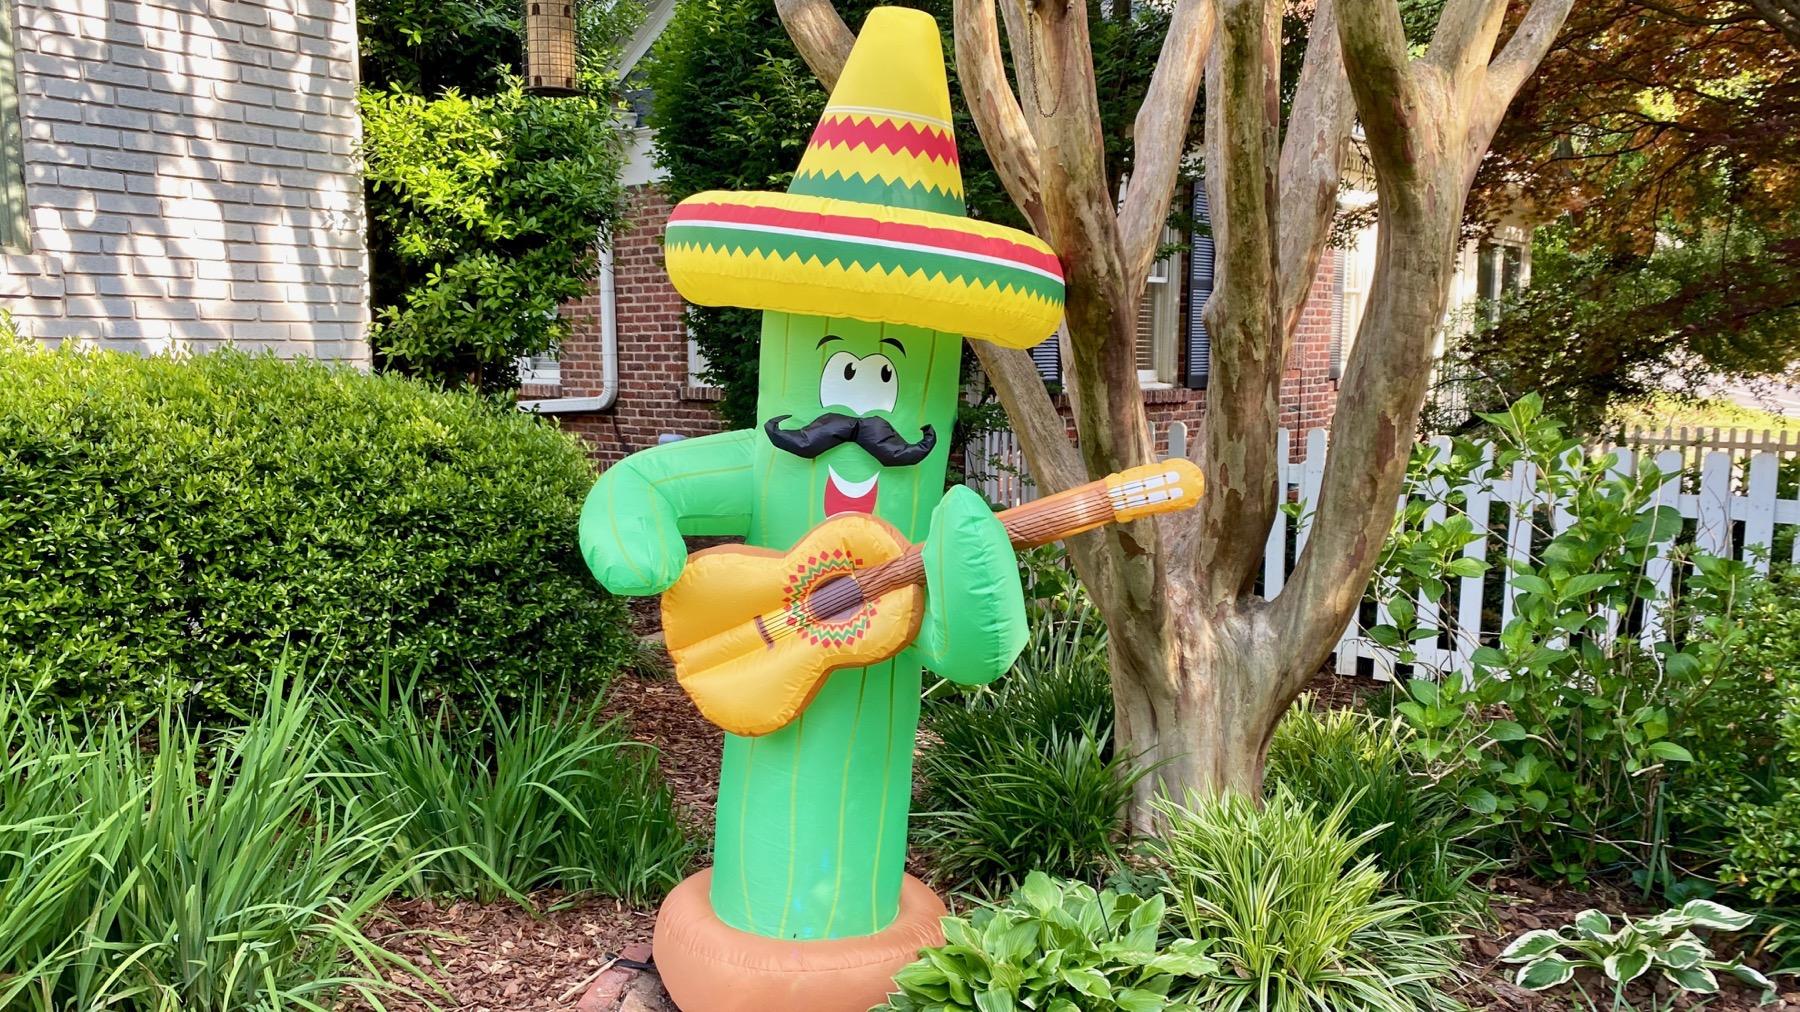 Musical cactus